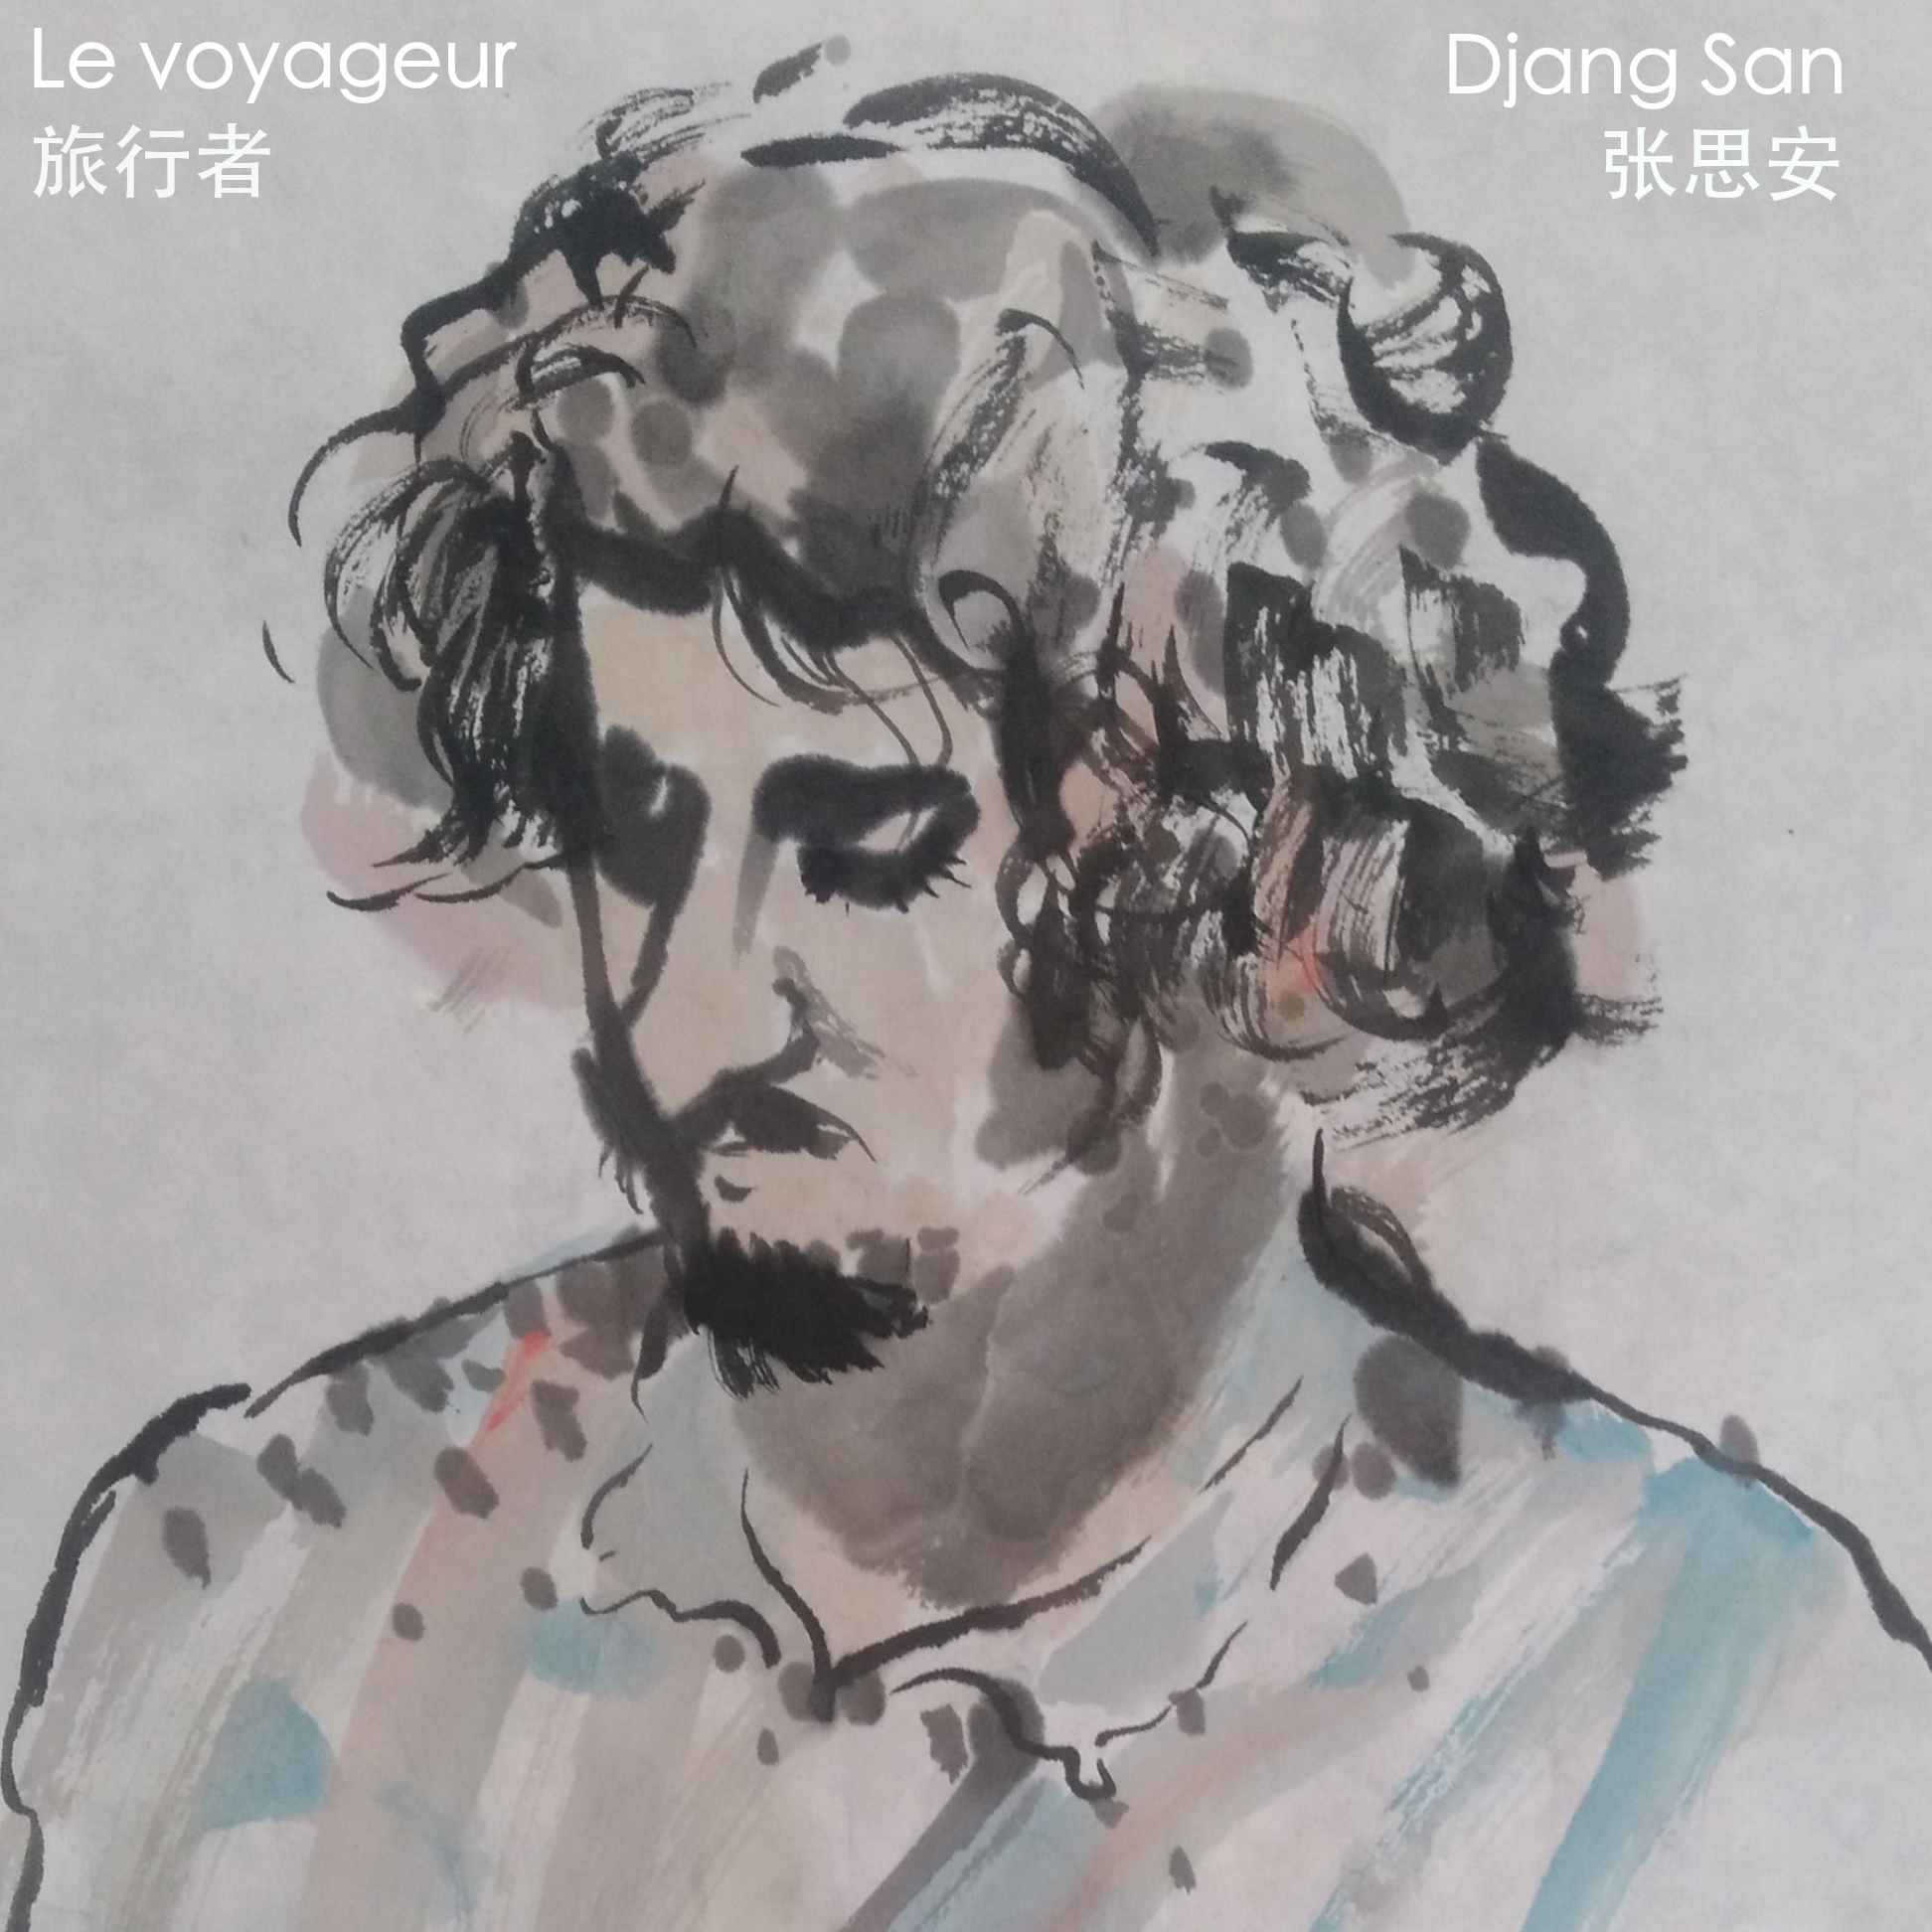 Djang San